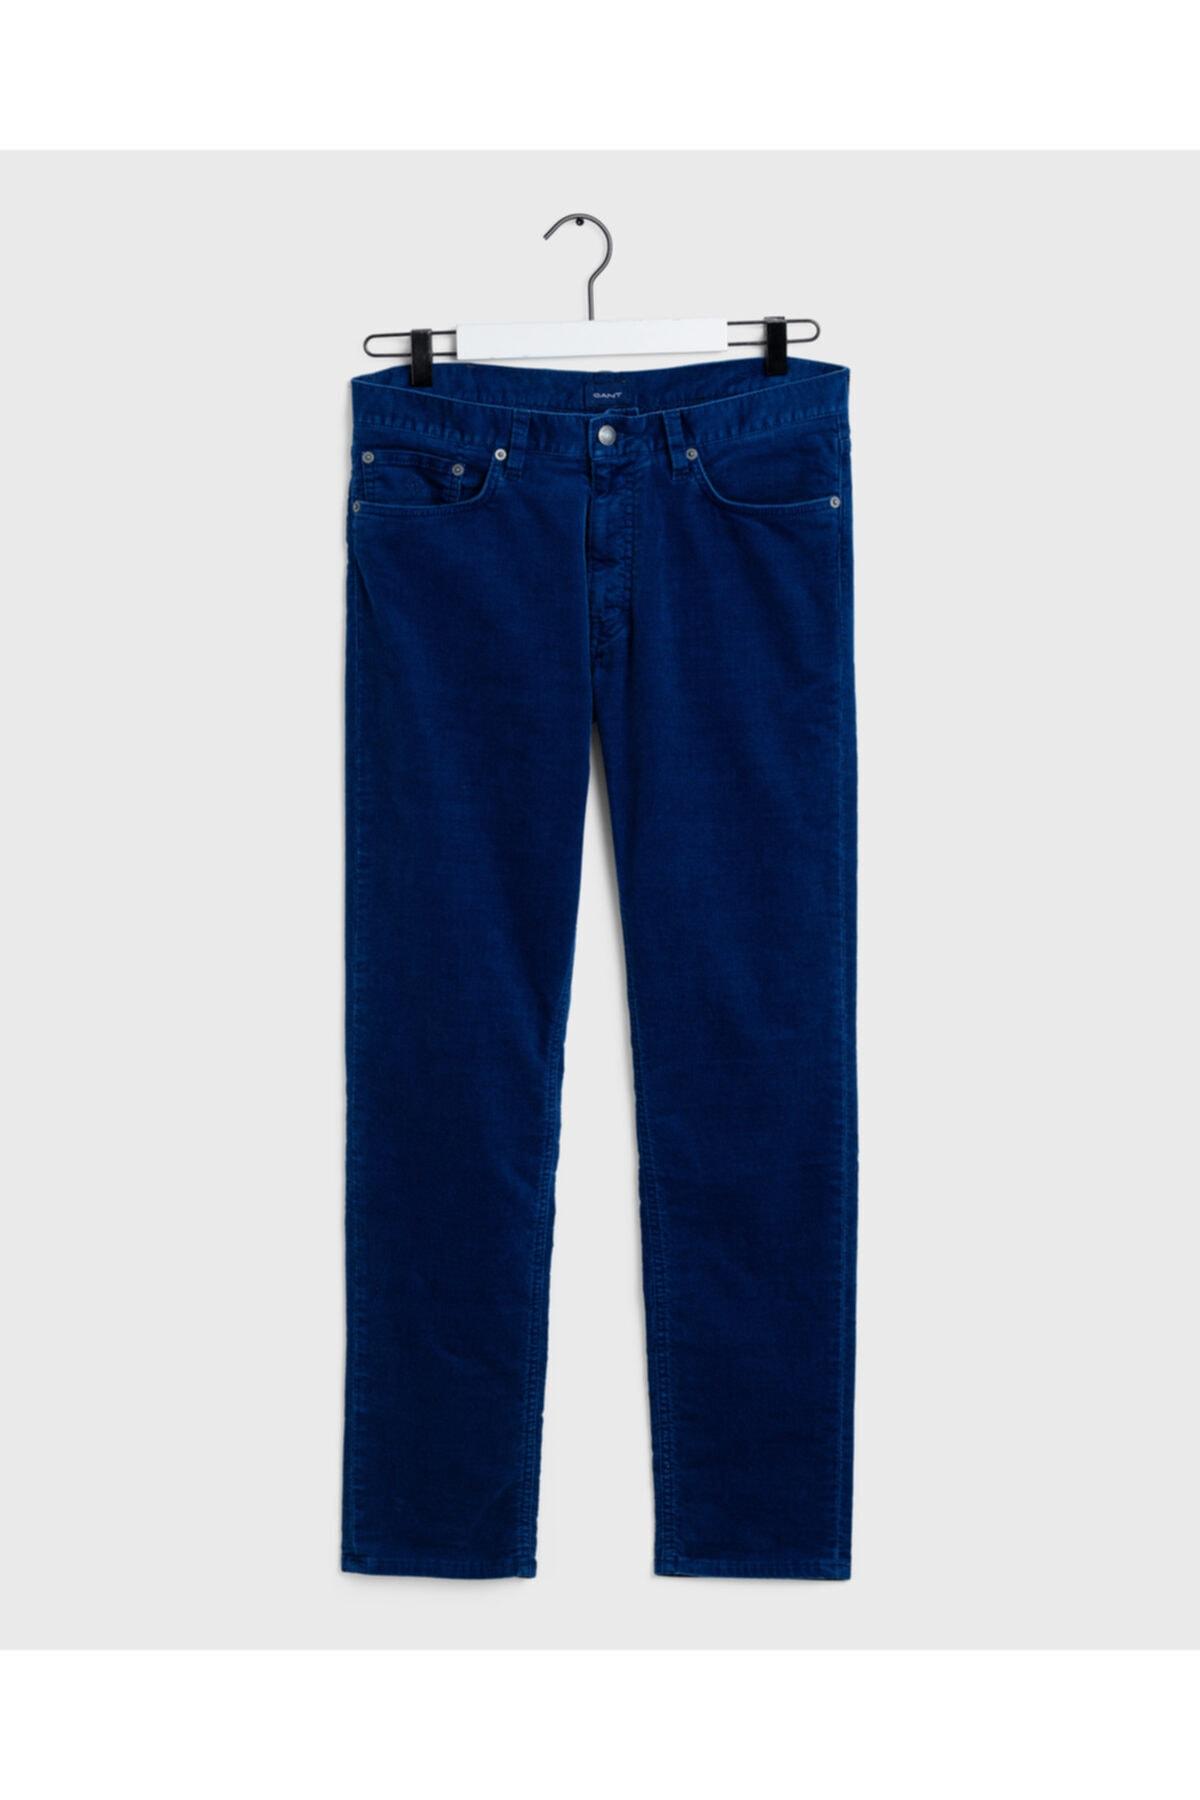 Gant Erkek Mavi Pantolon 2